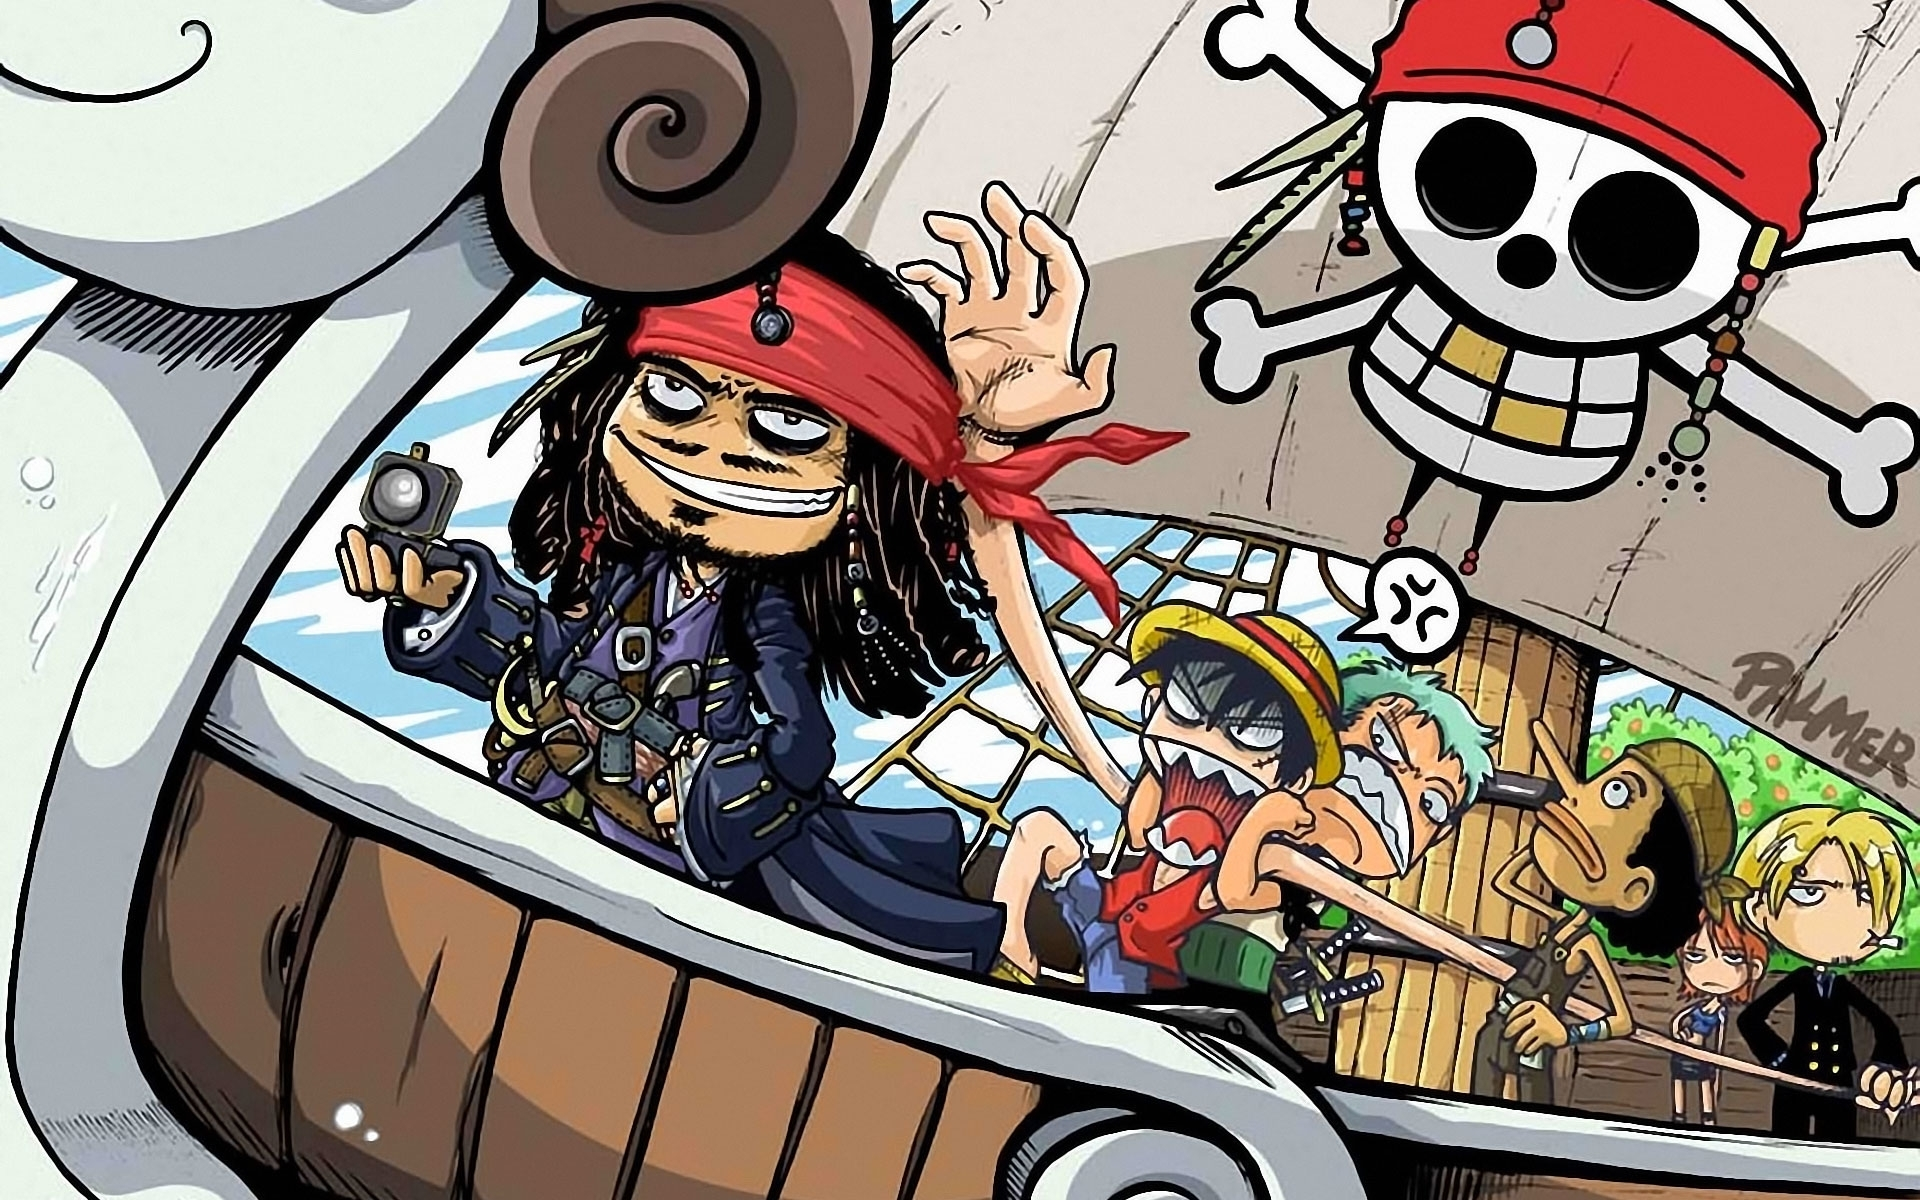 Google themes anime one piece - Anime One Piece Nami One Piece Monkey D Luffy Usopp One